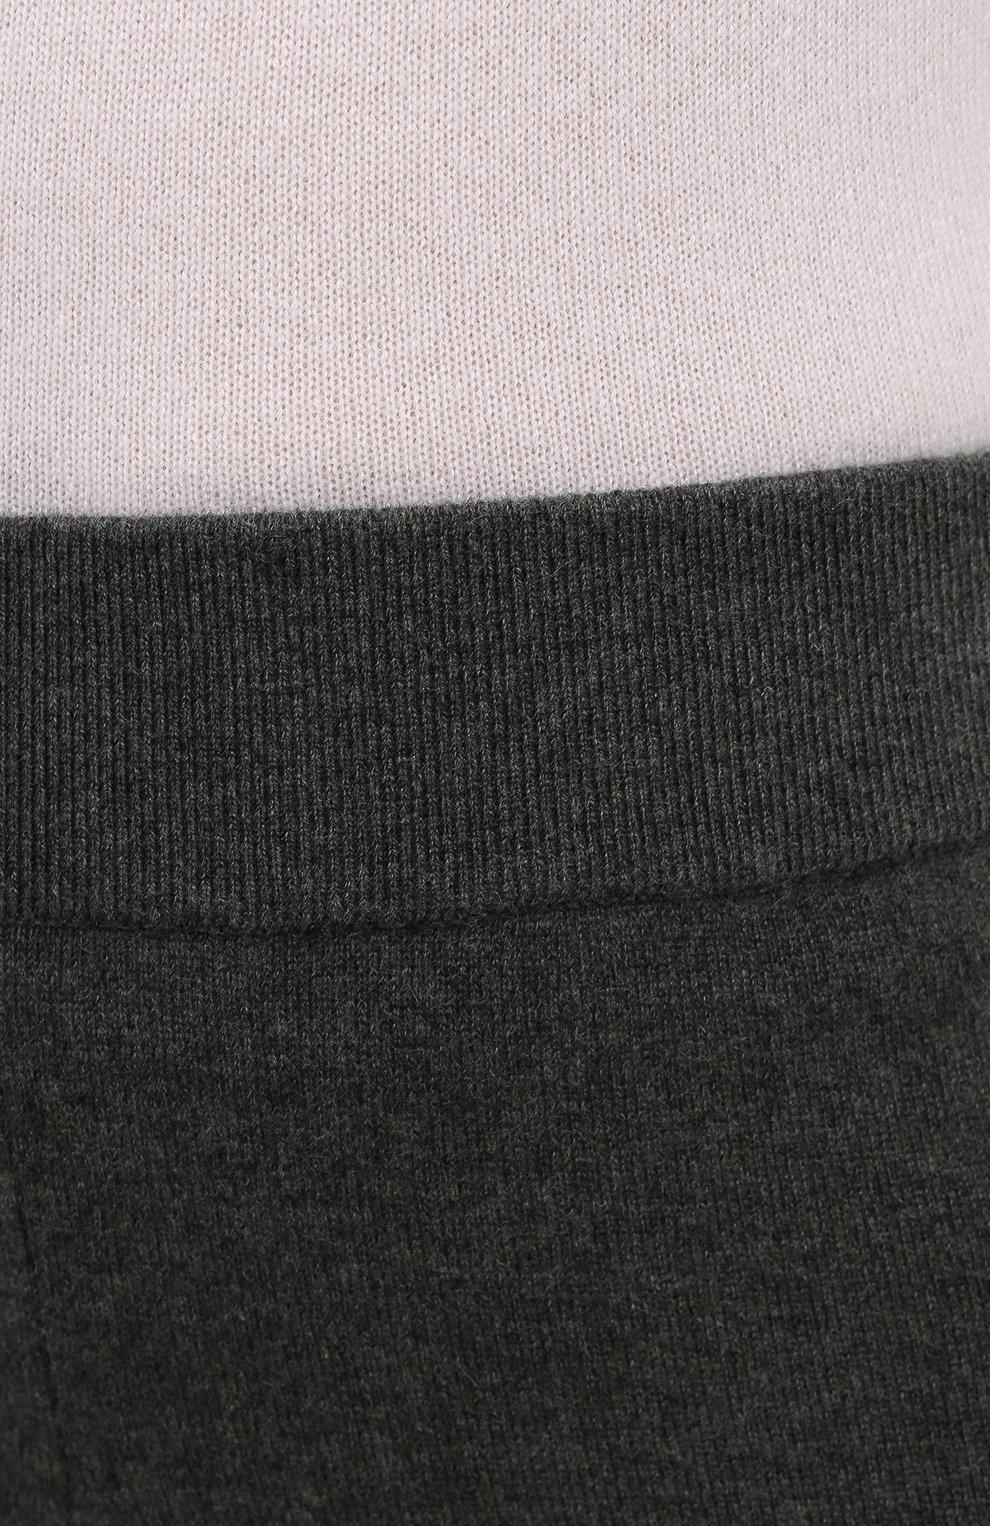 Женские кашемировые брюки LE KASHA хаки цвета, арт. 0TTAWA0   Фото 6 (Материал внешний: Шерсть, Кашемир; Длина (брюки, джинсы): Стандартные; Женское Кросс-КТ: Брюки-одежда; Силуэт Ж (брюки и джинсы): Прямые; Кросс-КТ: Трикотаж; Стили: Минимализм, Кэжуэл)